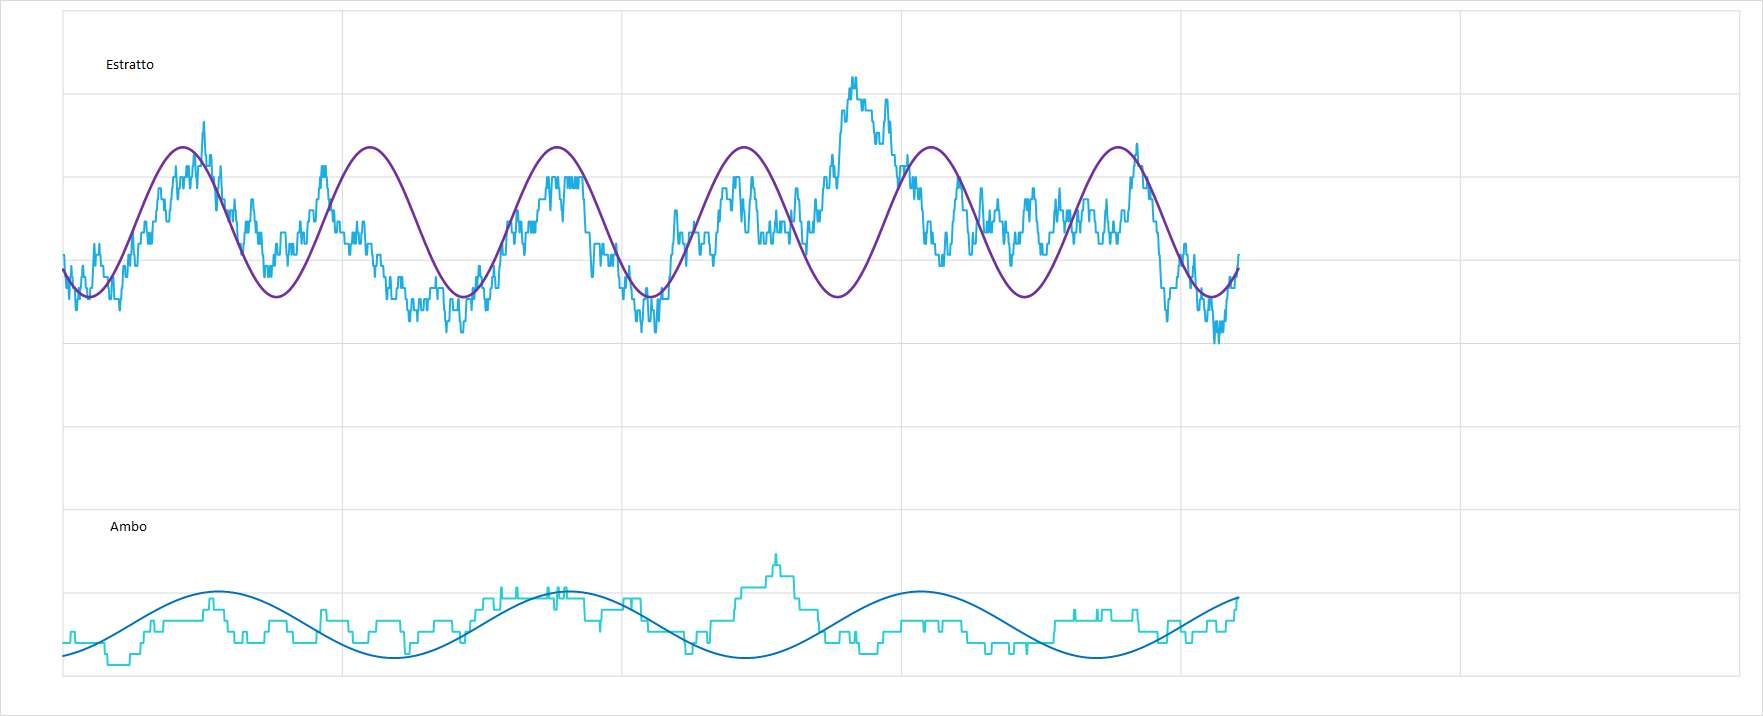 Ipotetico andamento sinusoidale interpolante per le medie dell'estratto e dell'ambo - Aggiornato all'estrazione precedente il 25 Febbraio 2021